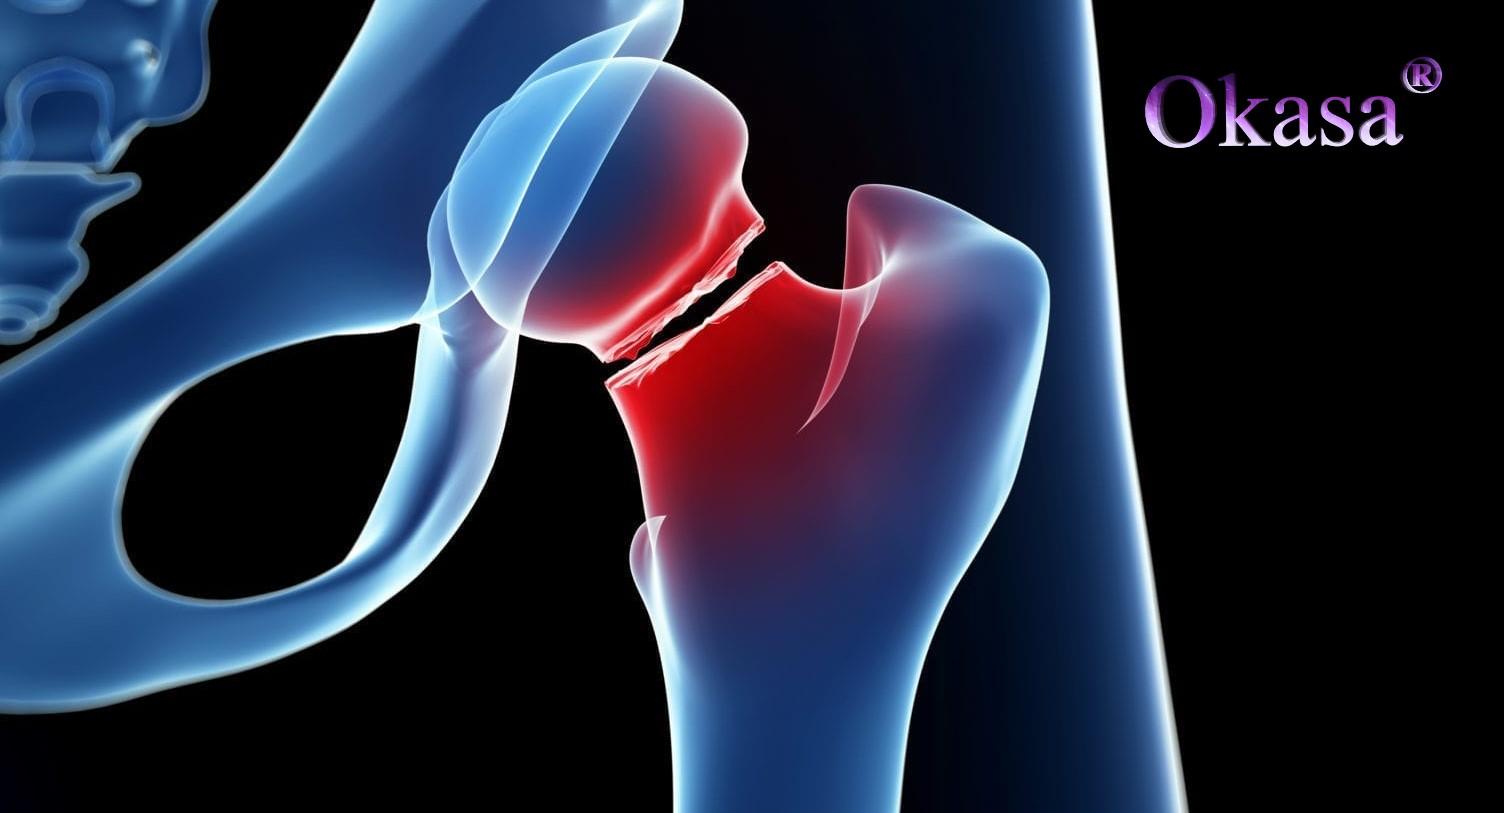 Trường hợp nào phải mổ khi bị gãy xương?